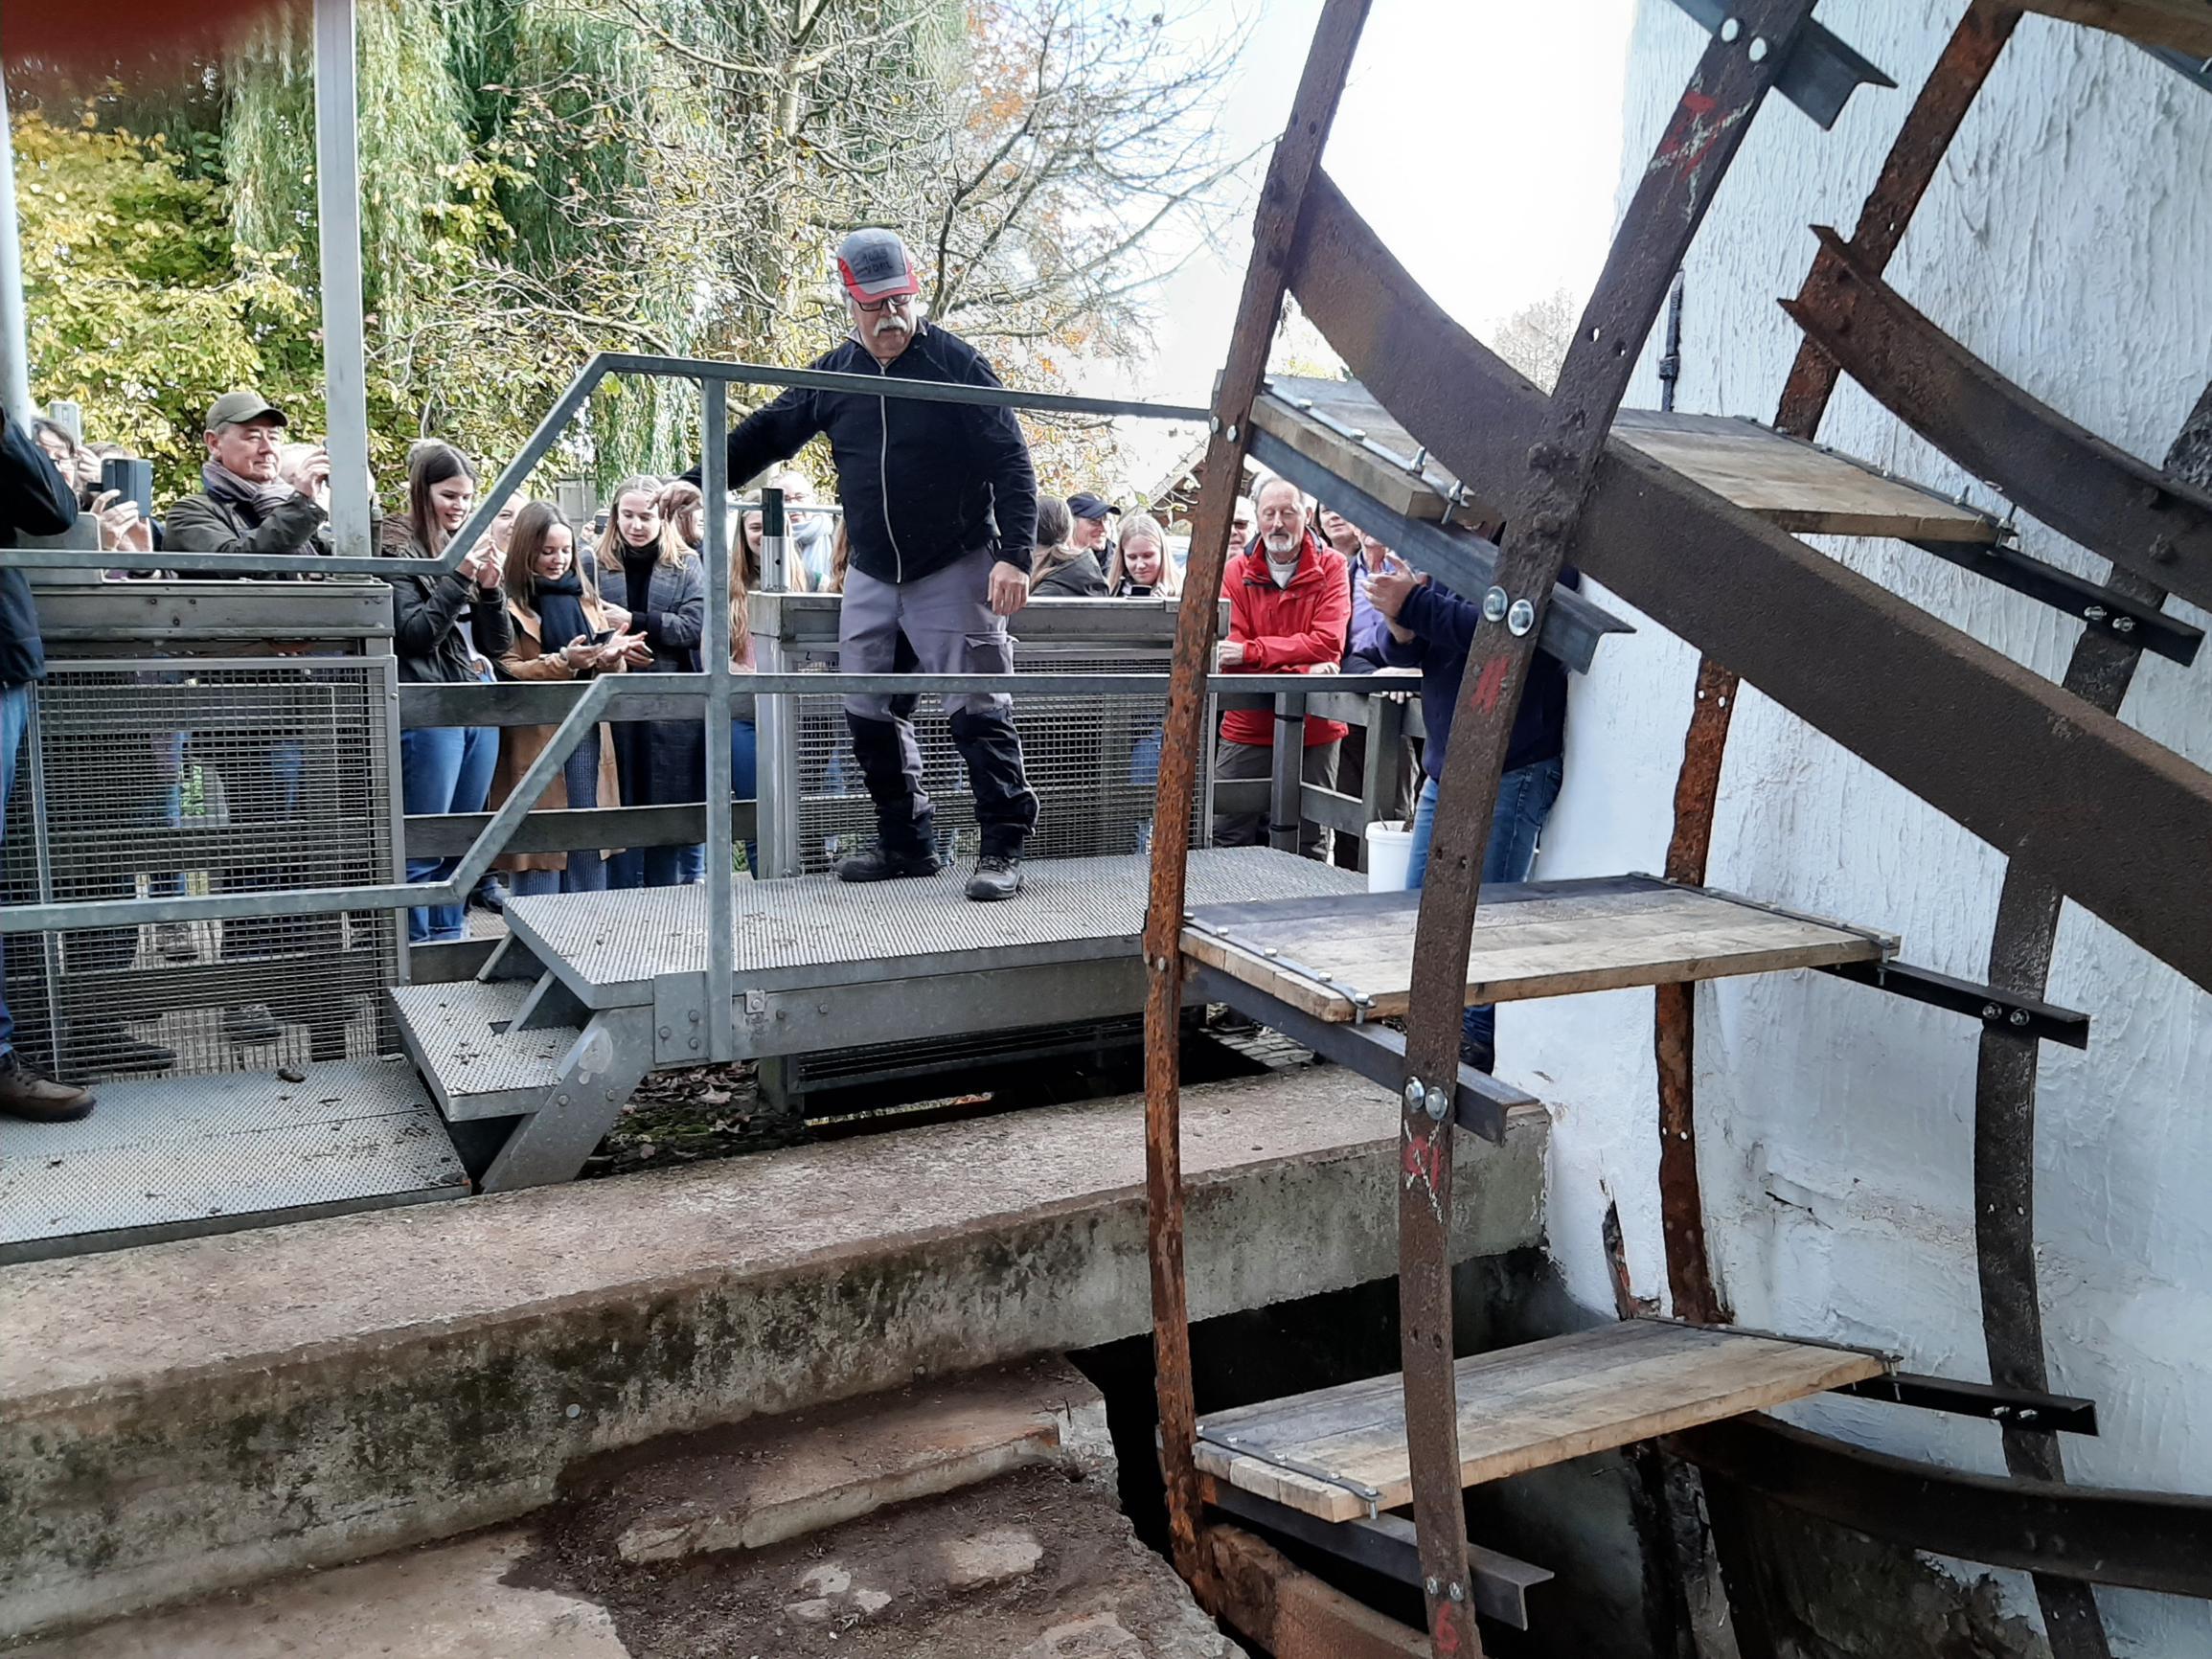 Watermolen draait weer na 40 jaar (Meerhout) - Het Nieuwsblad